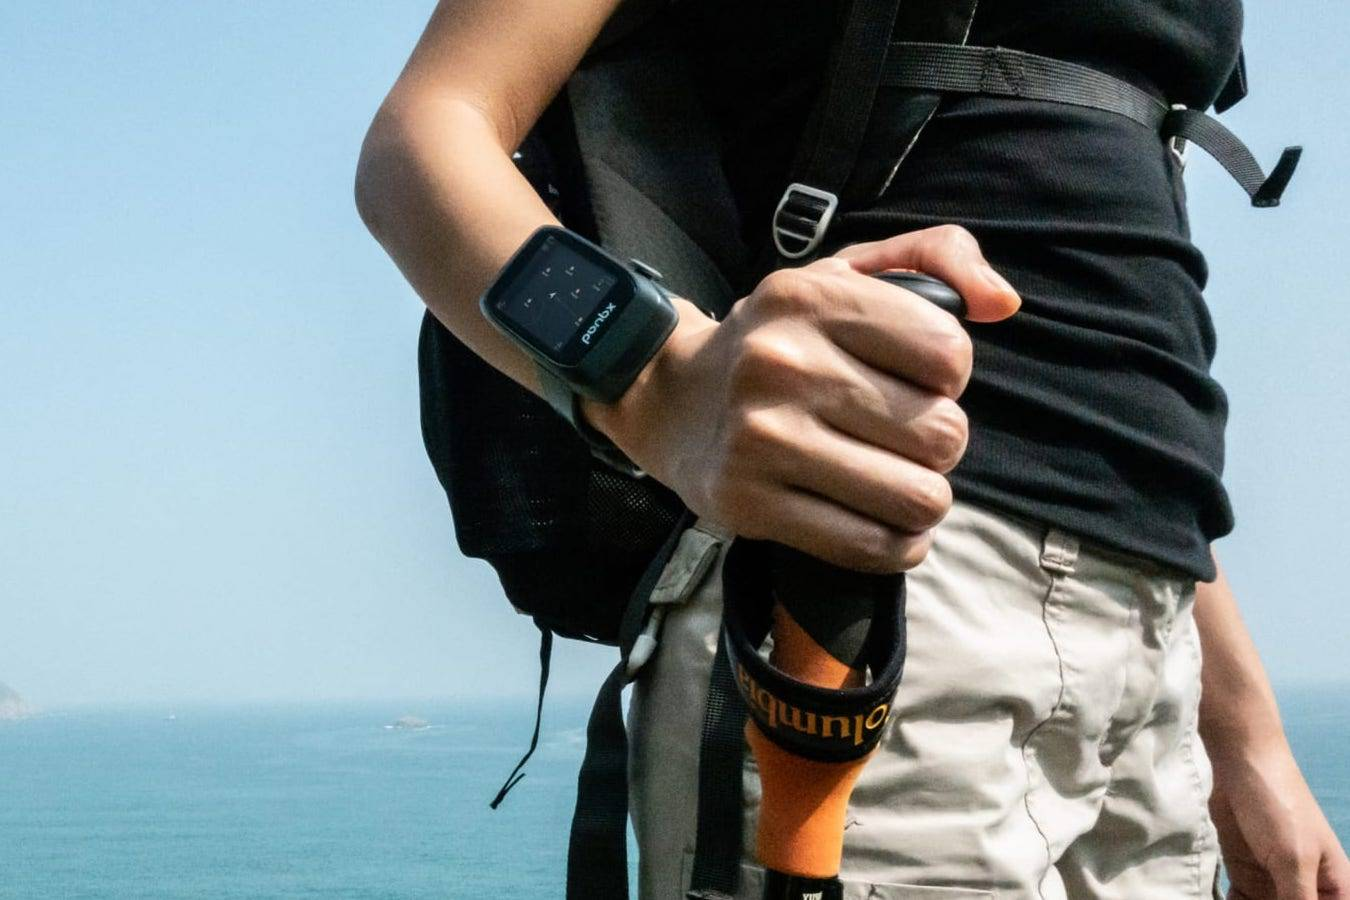 最多追踪30人、无需联网、完全免费,这款Pocket GPS挺酷